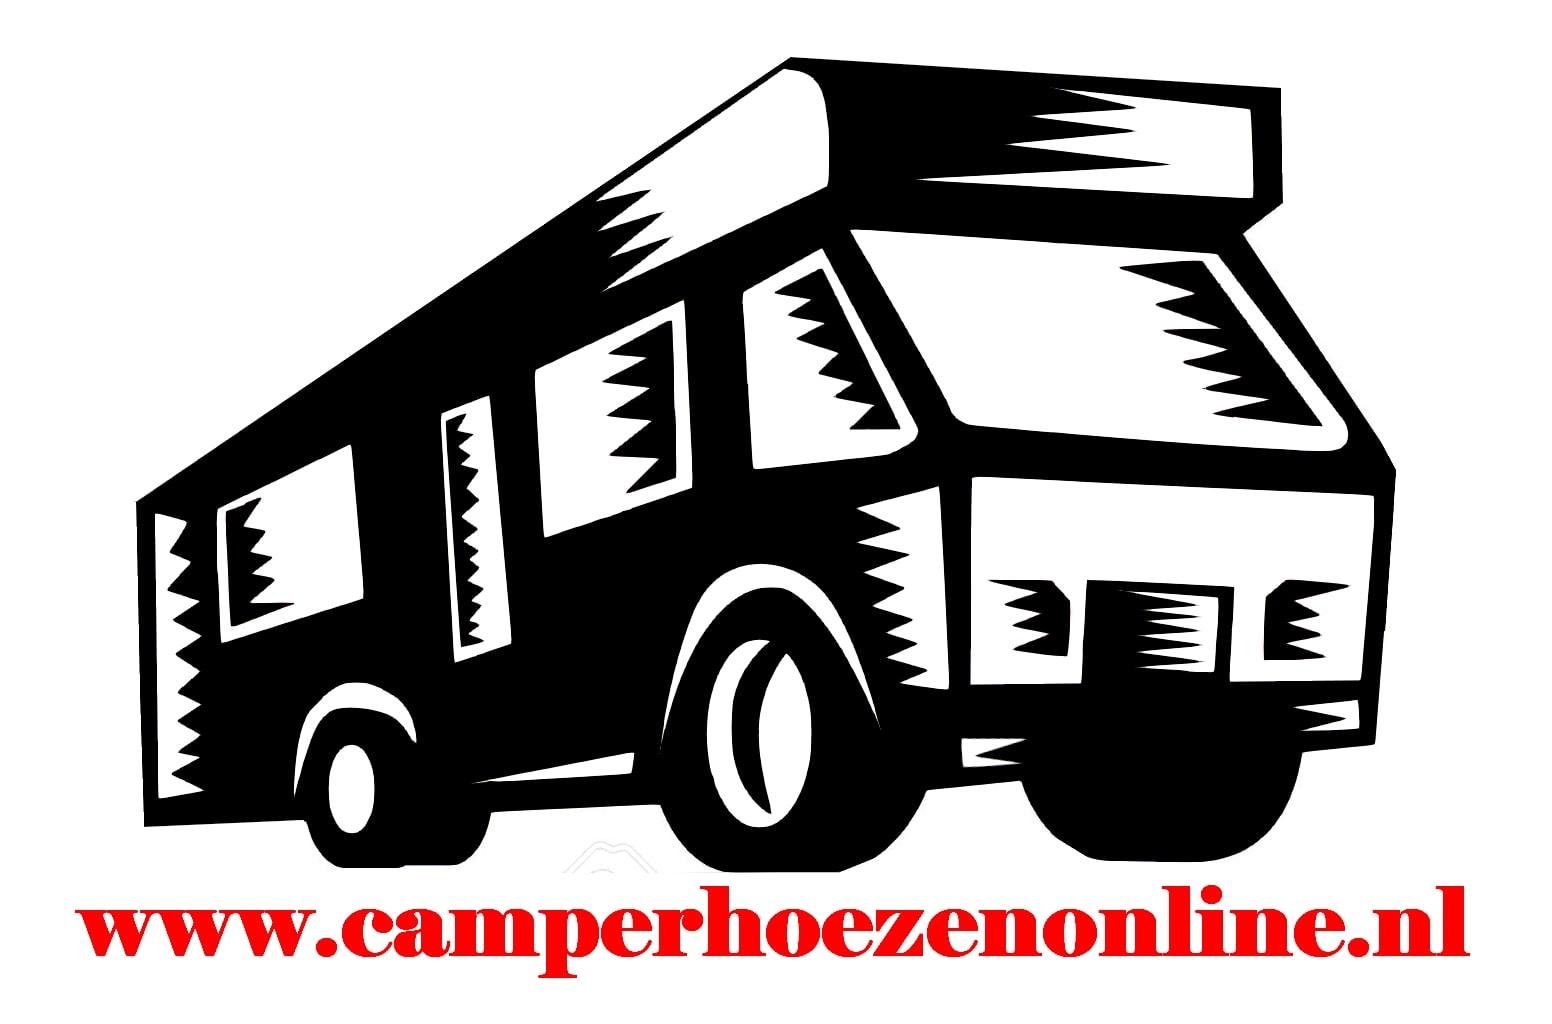 Camperhoezenonline.nl logo